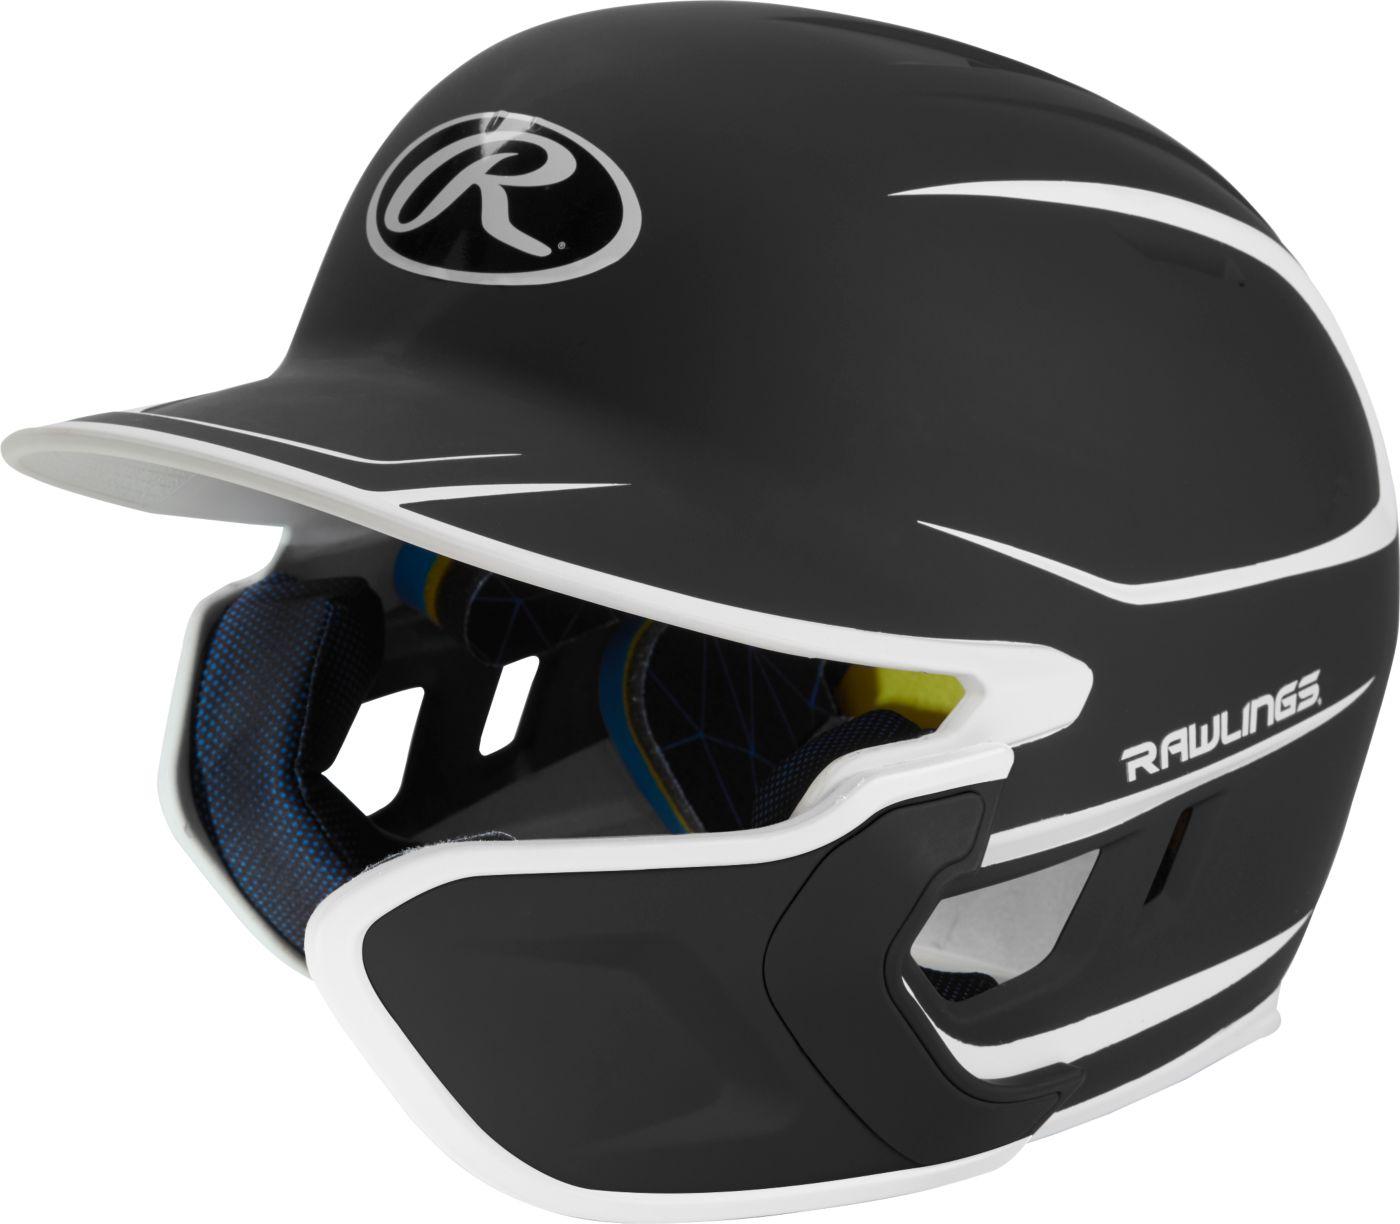 Rawlings Youth MACH Two-Tone Batting Helmet w/ Jaw Flap